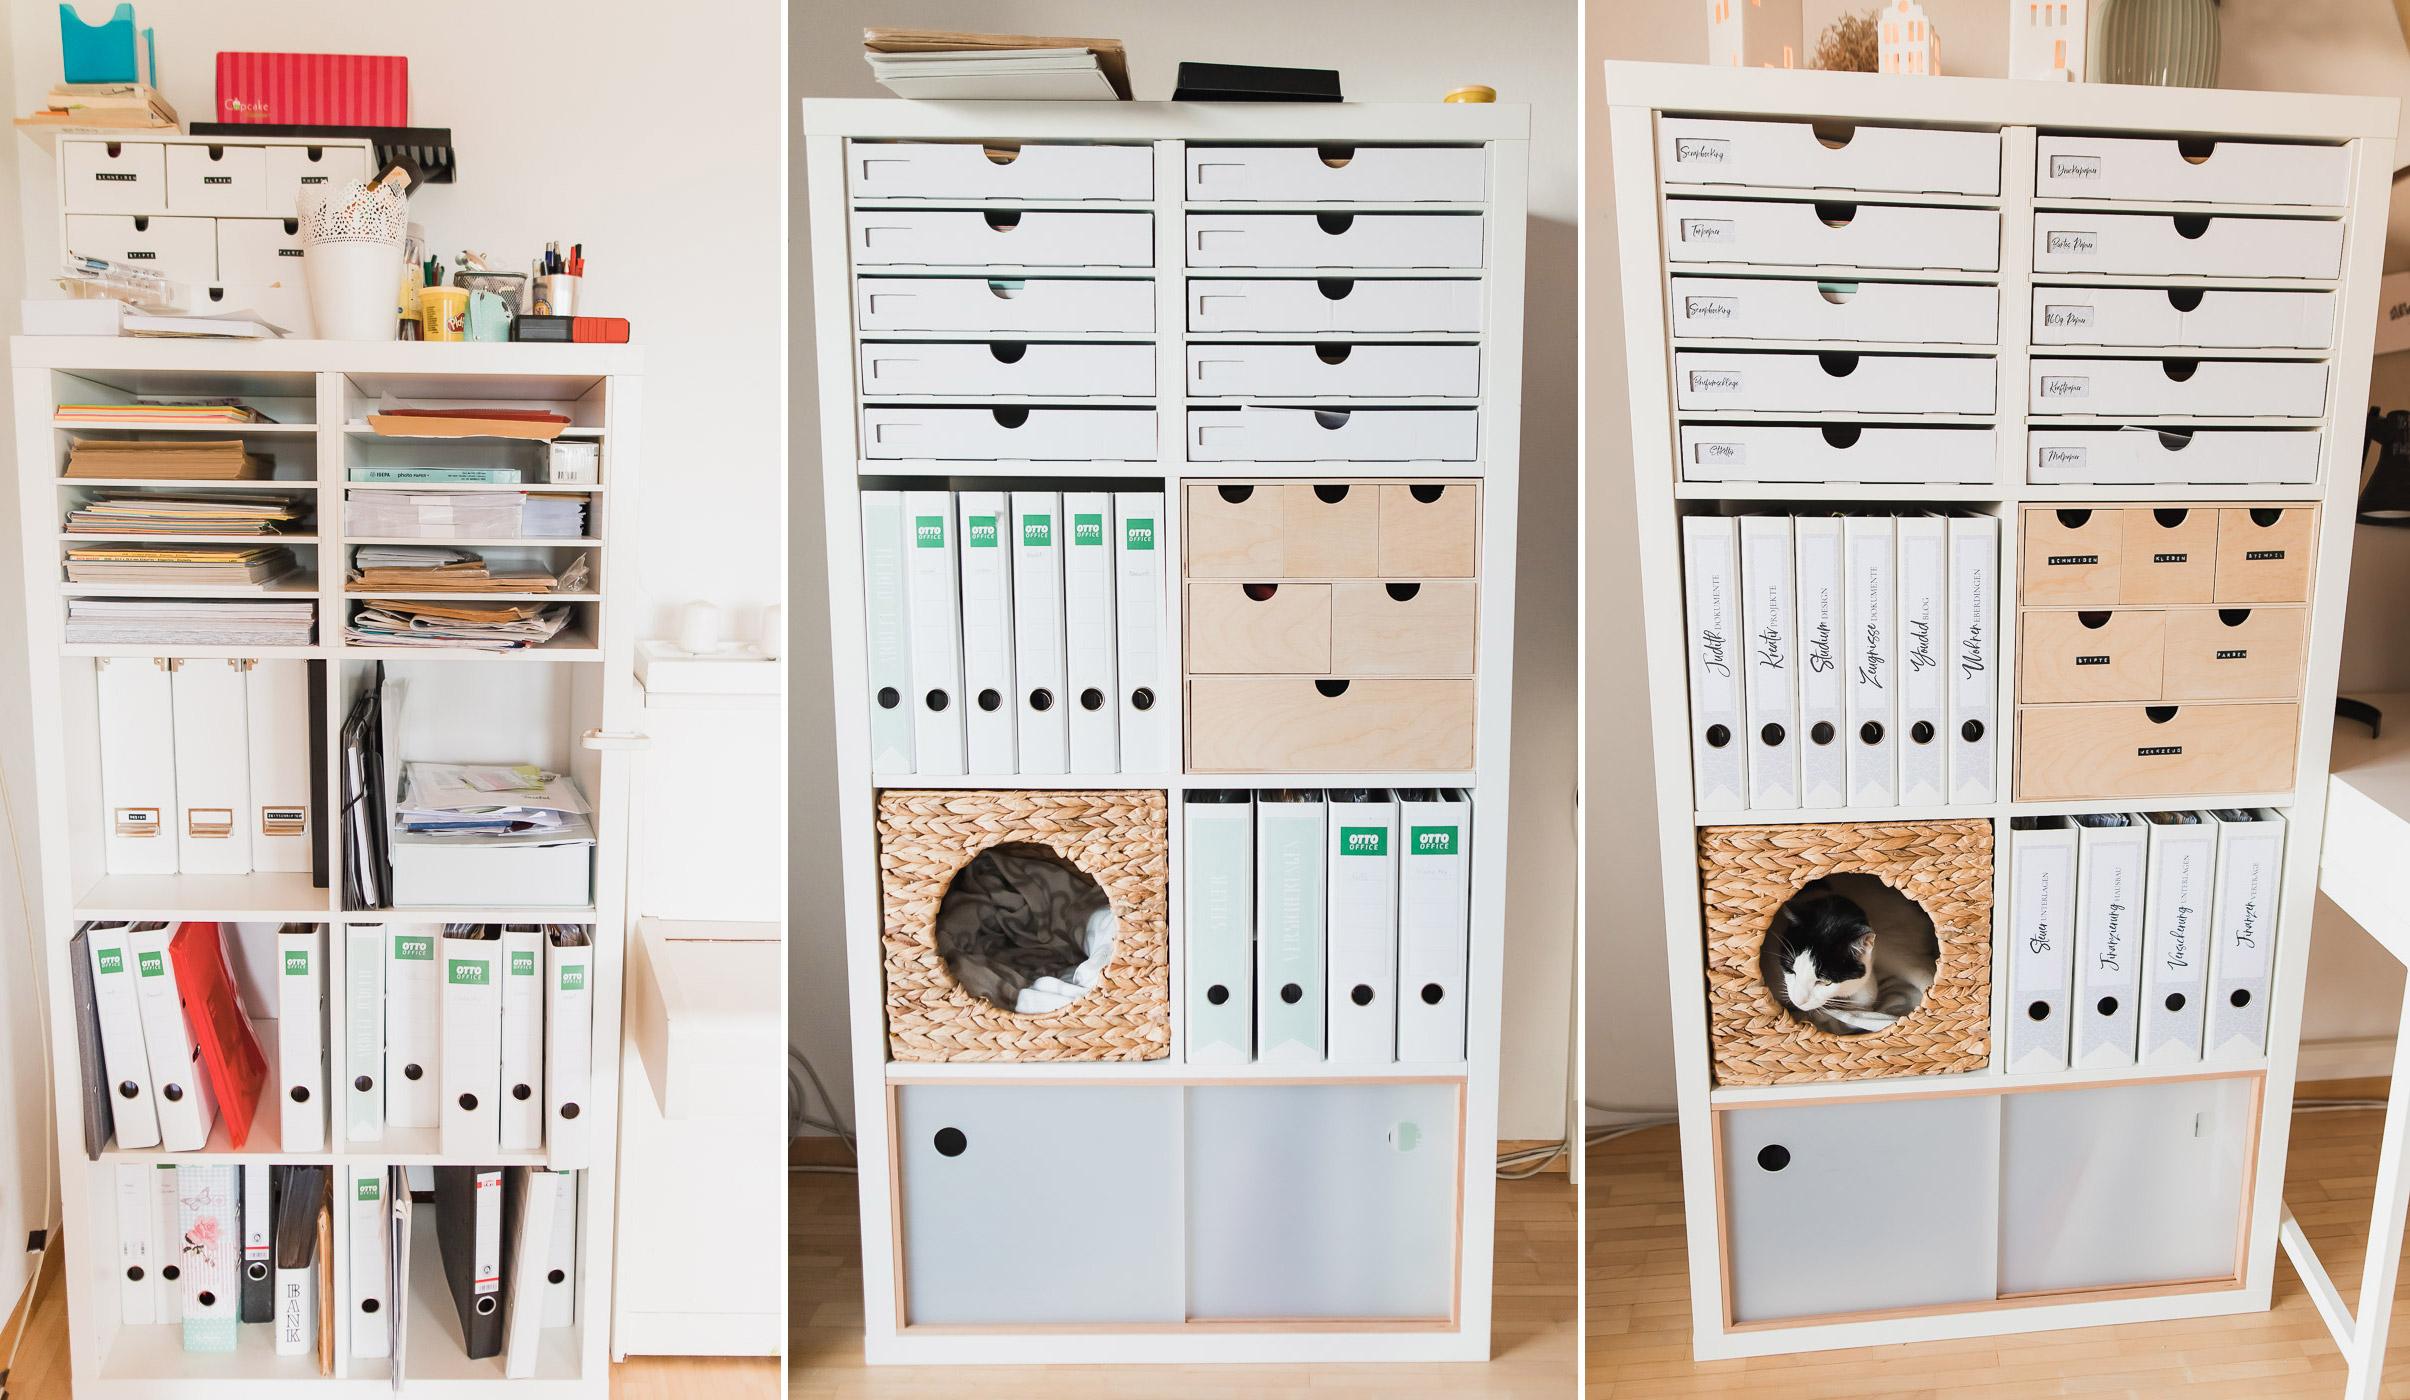 Full Size of Betten Ikea 160x200 Aufbewahrungsbox Garten Küche Kaufen Kosten Sofa Mit Schlaffunktion Aufbewahrung Aufbewahrungsbehälter Bei Aufbewahrungssystem Wohnzimmer Ikea Hacks Aufbewahrung